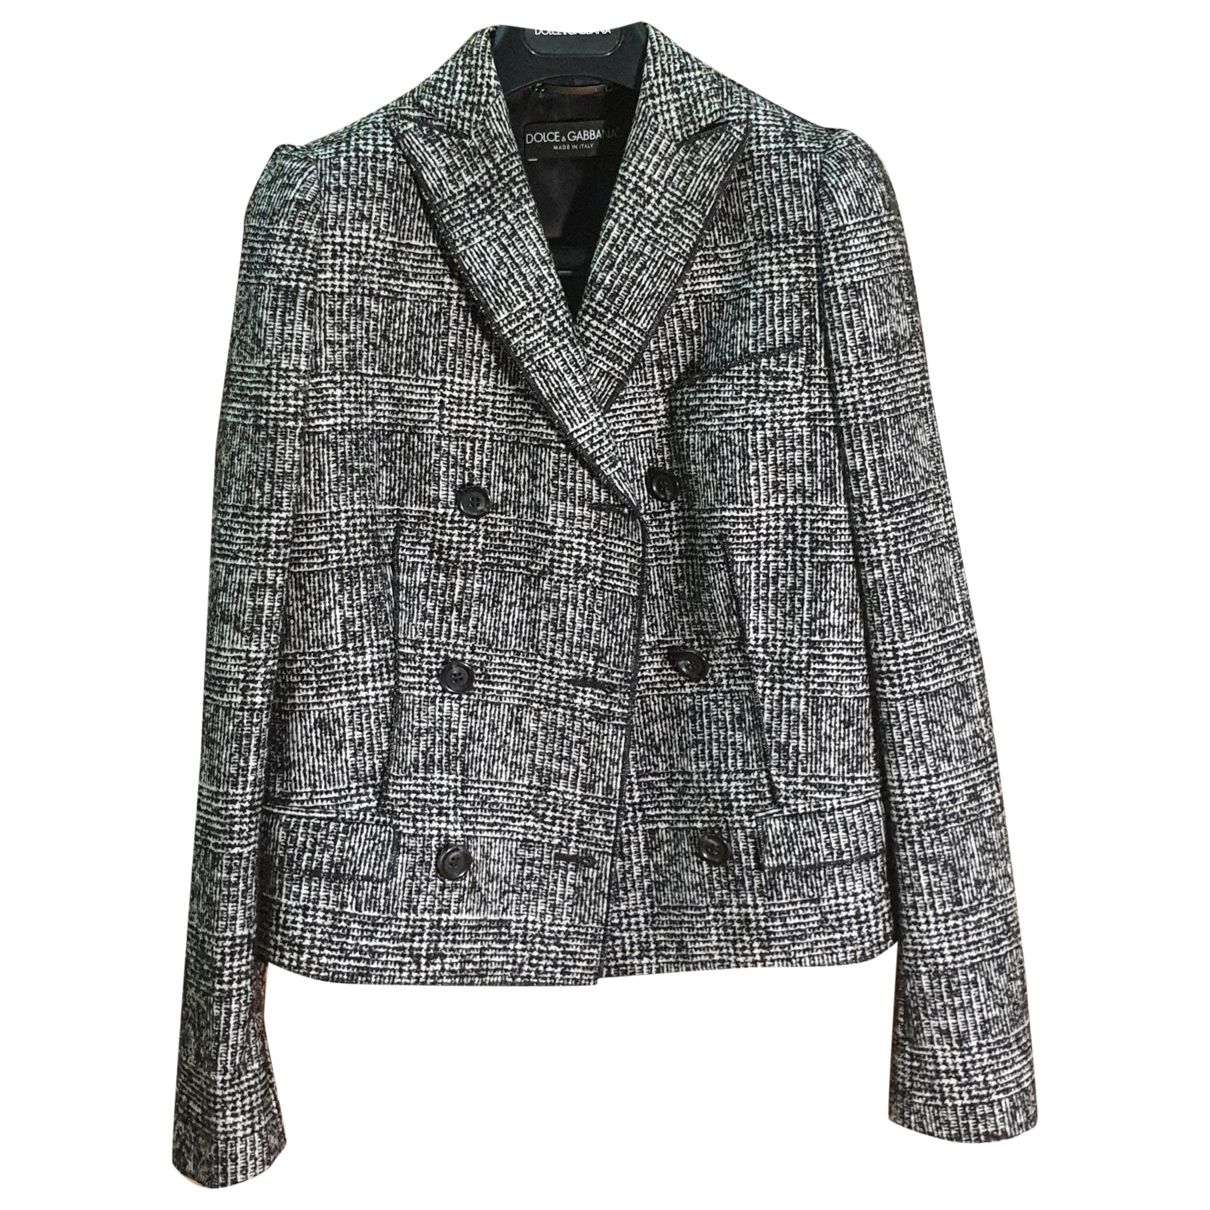 Dolce & Gabbana \N Jacke in  Grau Tweed